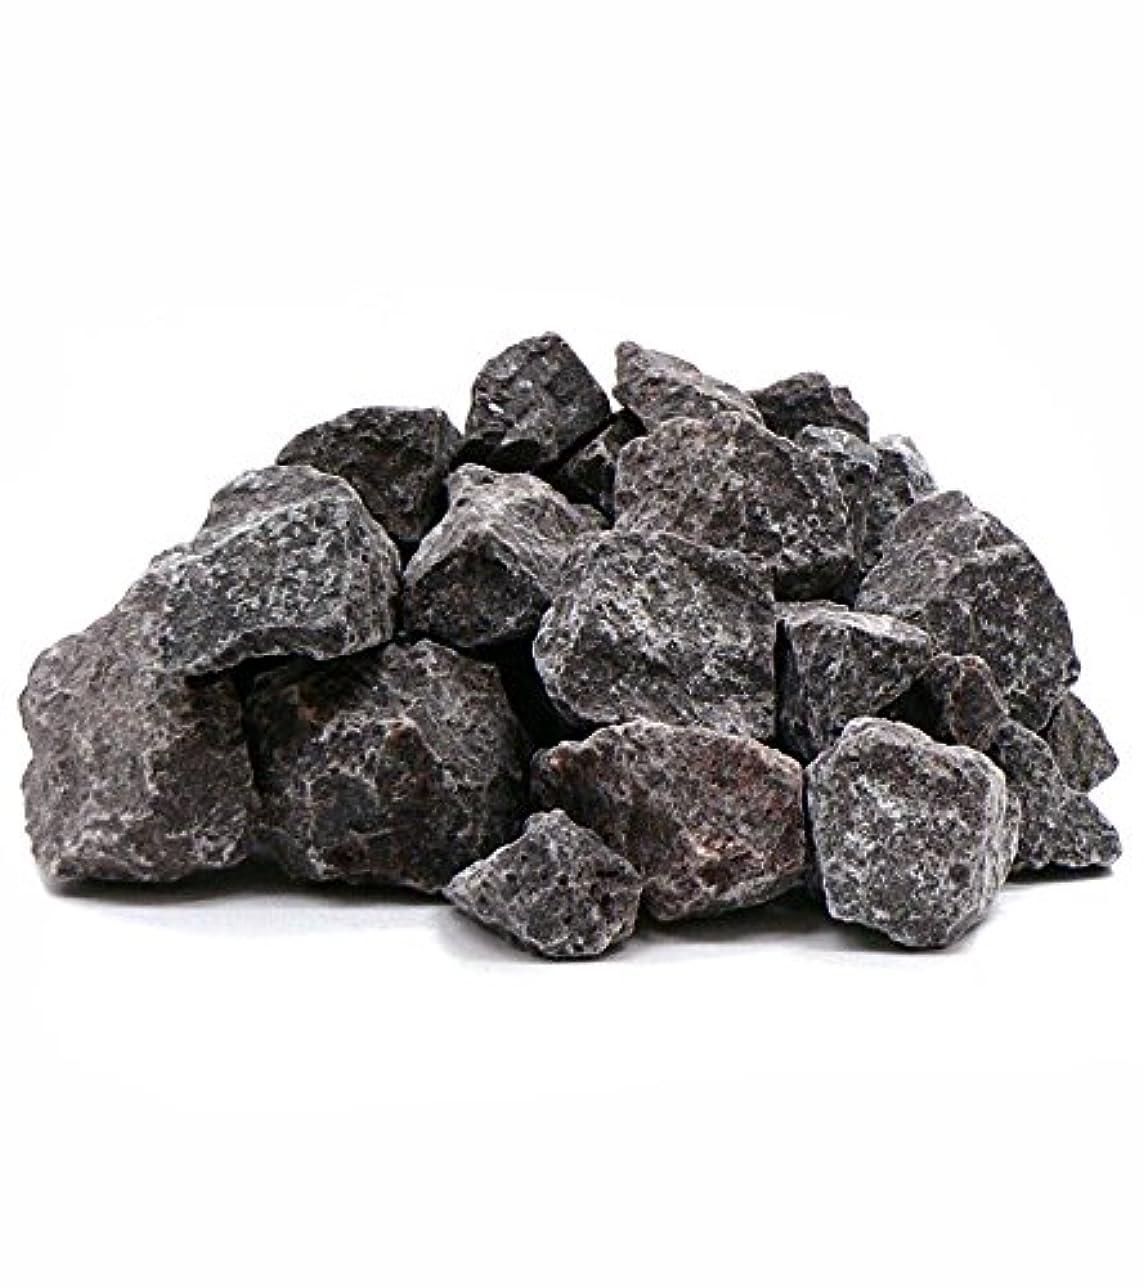 時間オーバードロー津波ヒマラヤ岩塩 ブラックソルト 入浴用 バスソルト(塊?ブロック)2kg 黒岩塩 ブラック岩塩